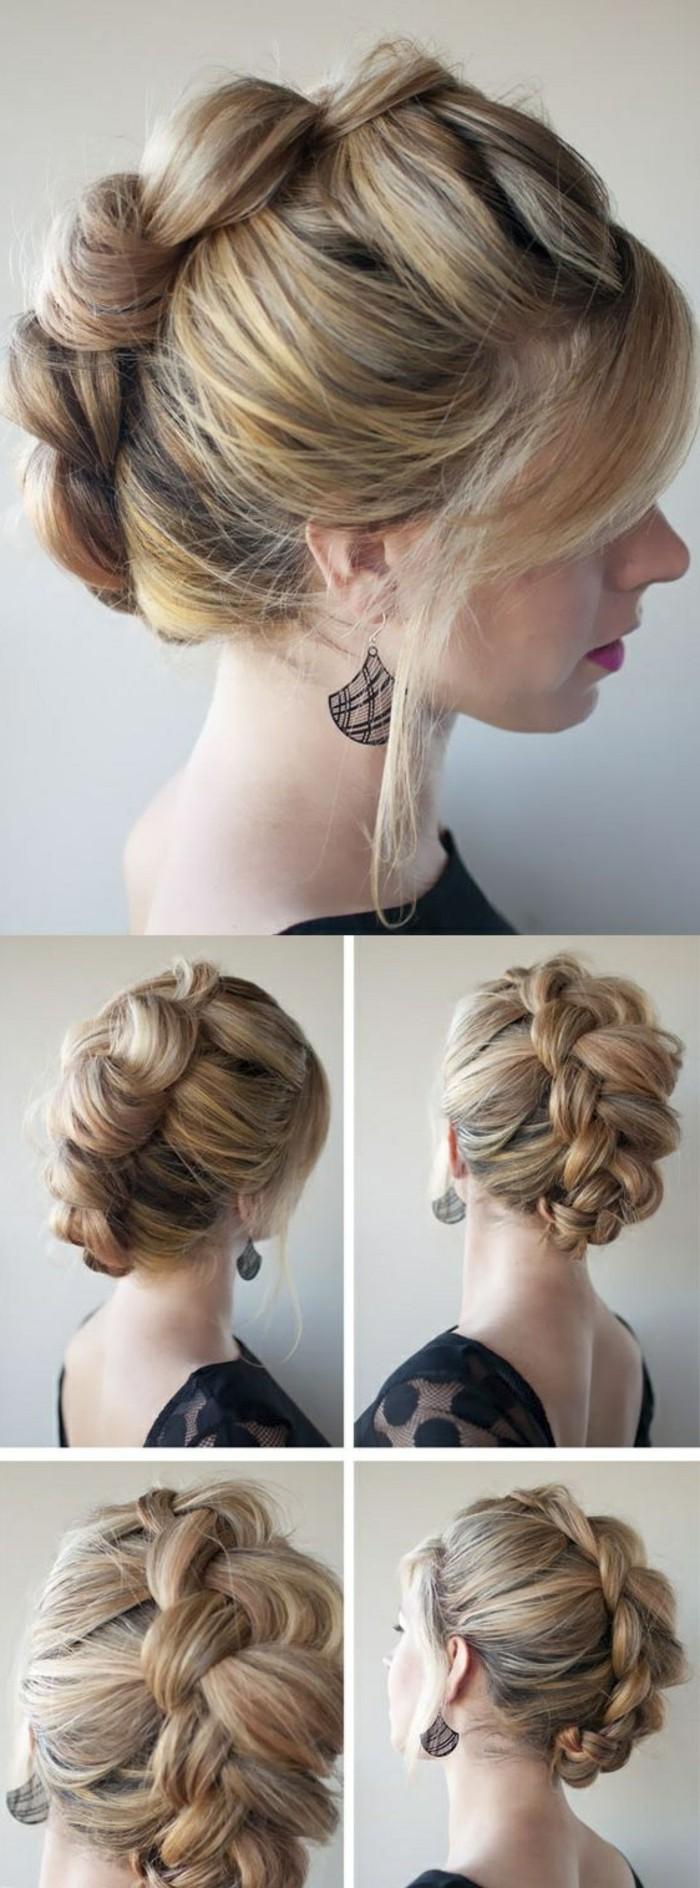 Acconciature capelli raccolti per cerimonia, capelli biondi, treccia legata